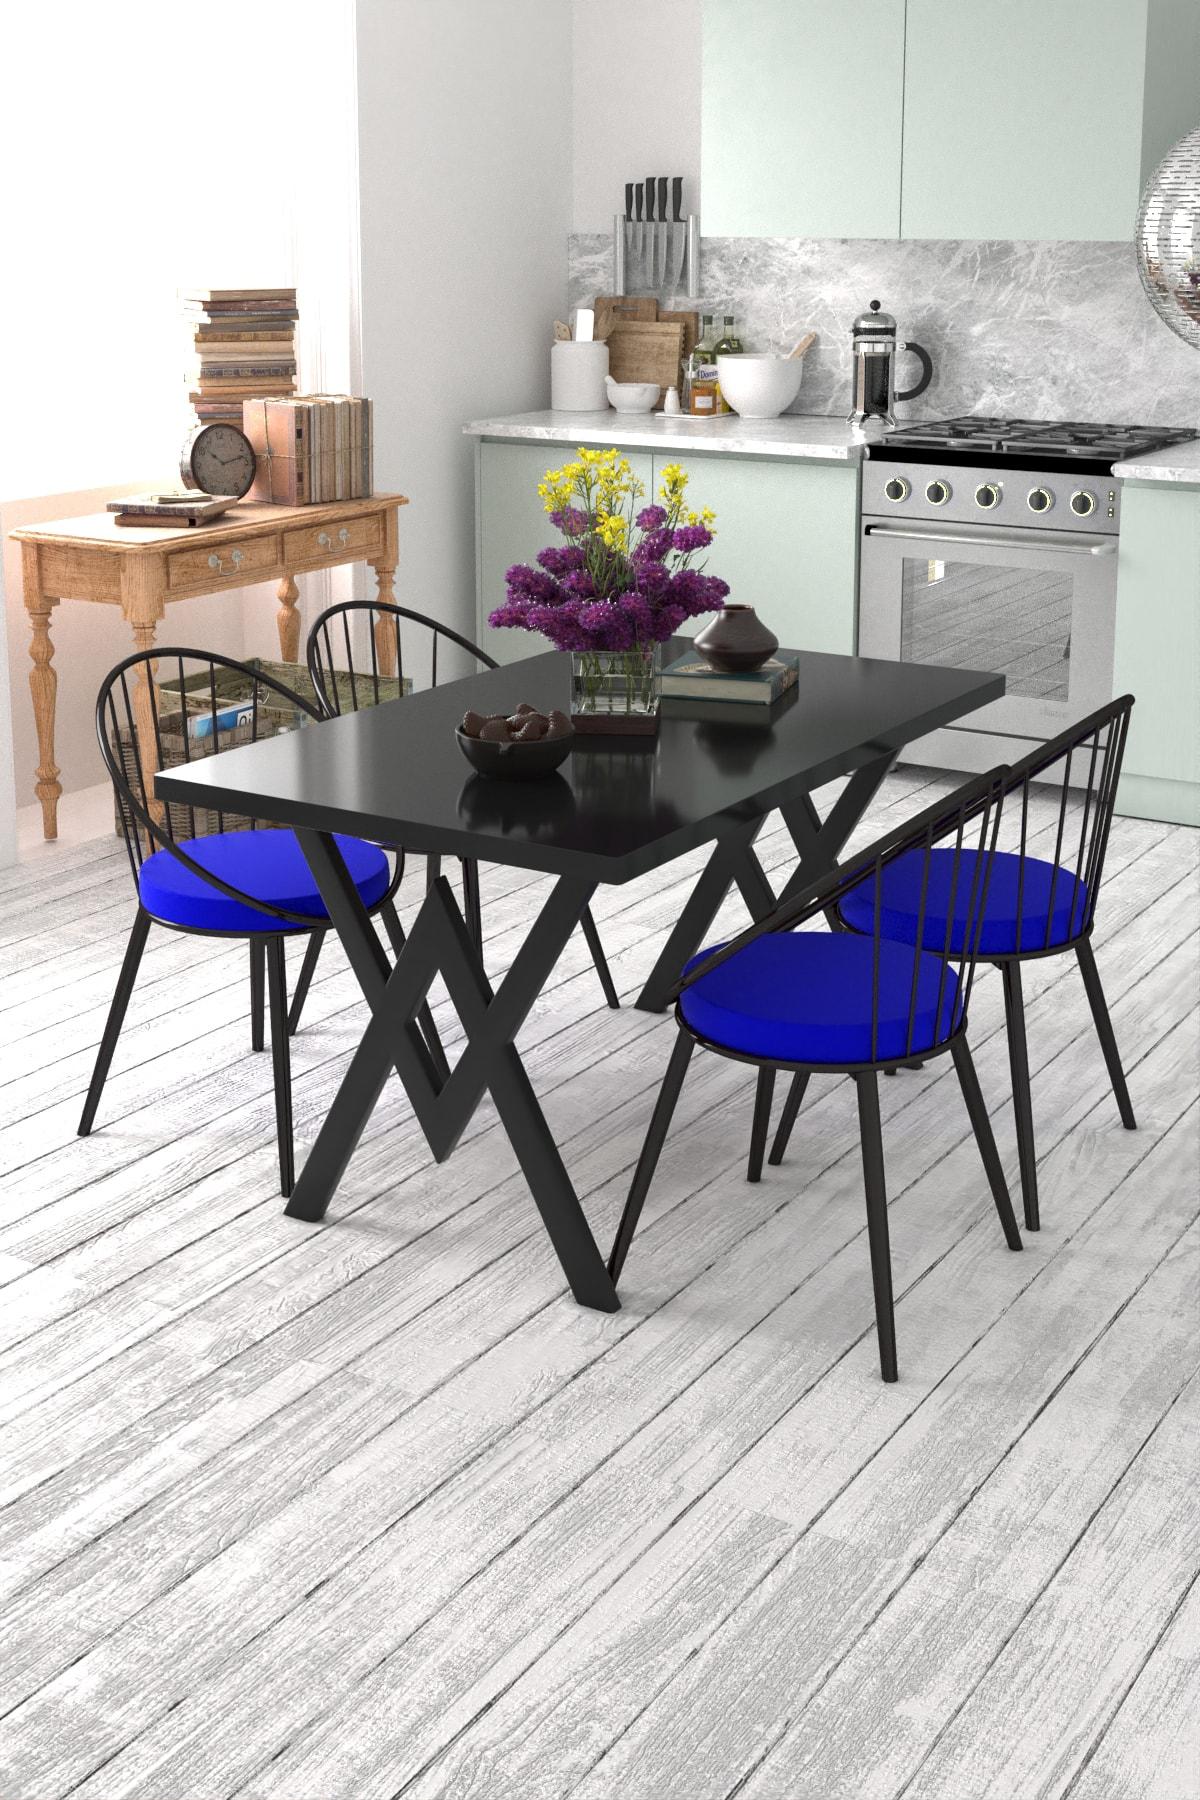 Evdemo Eylül 4 Kişilik Mutfak Masası Takımı Siyah Mavi 1